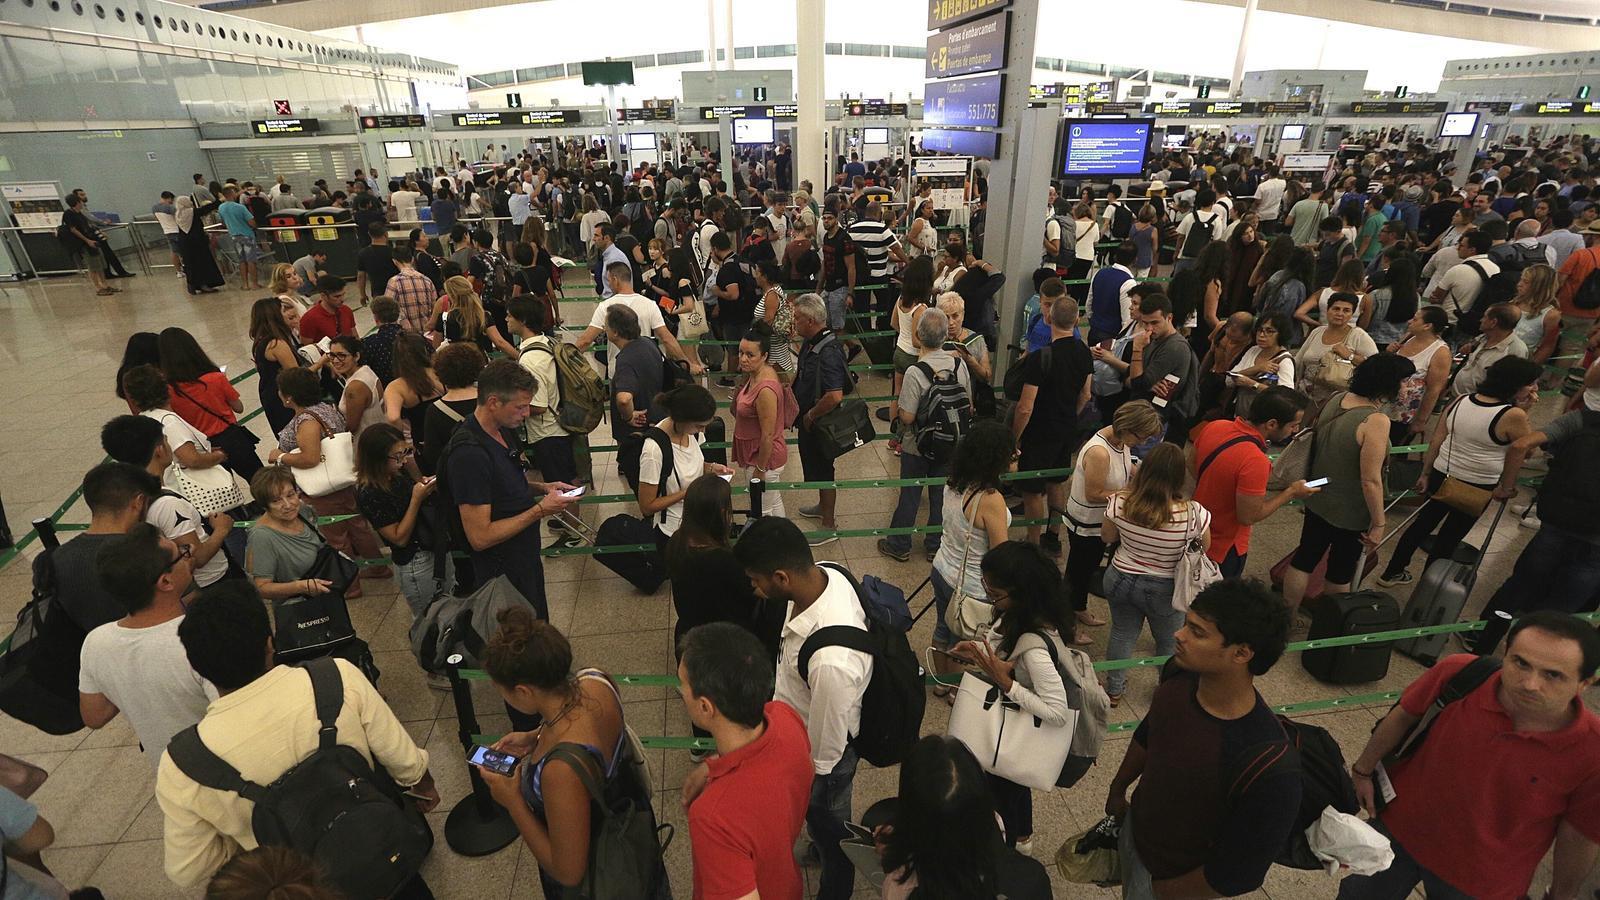 Es cronifiquen les cues a l'aeroport del Prat encara que no hi hagi vaga